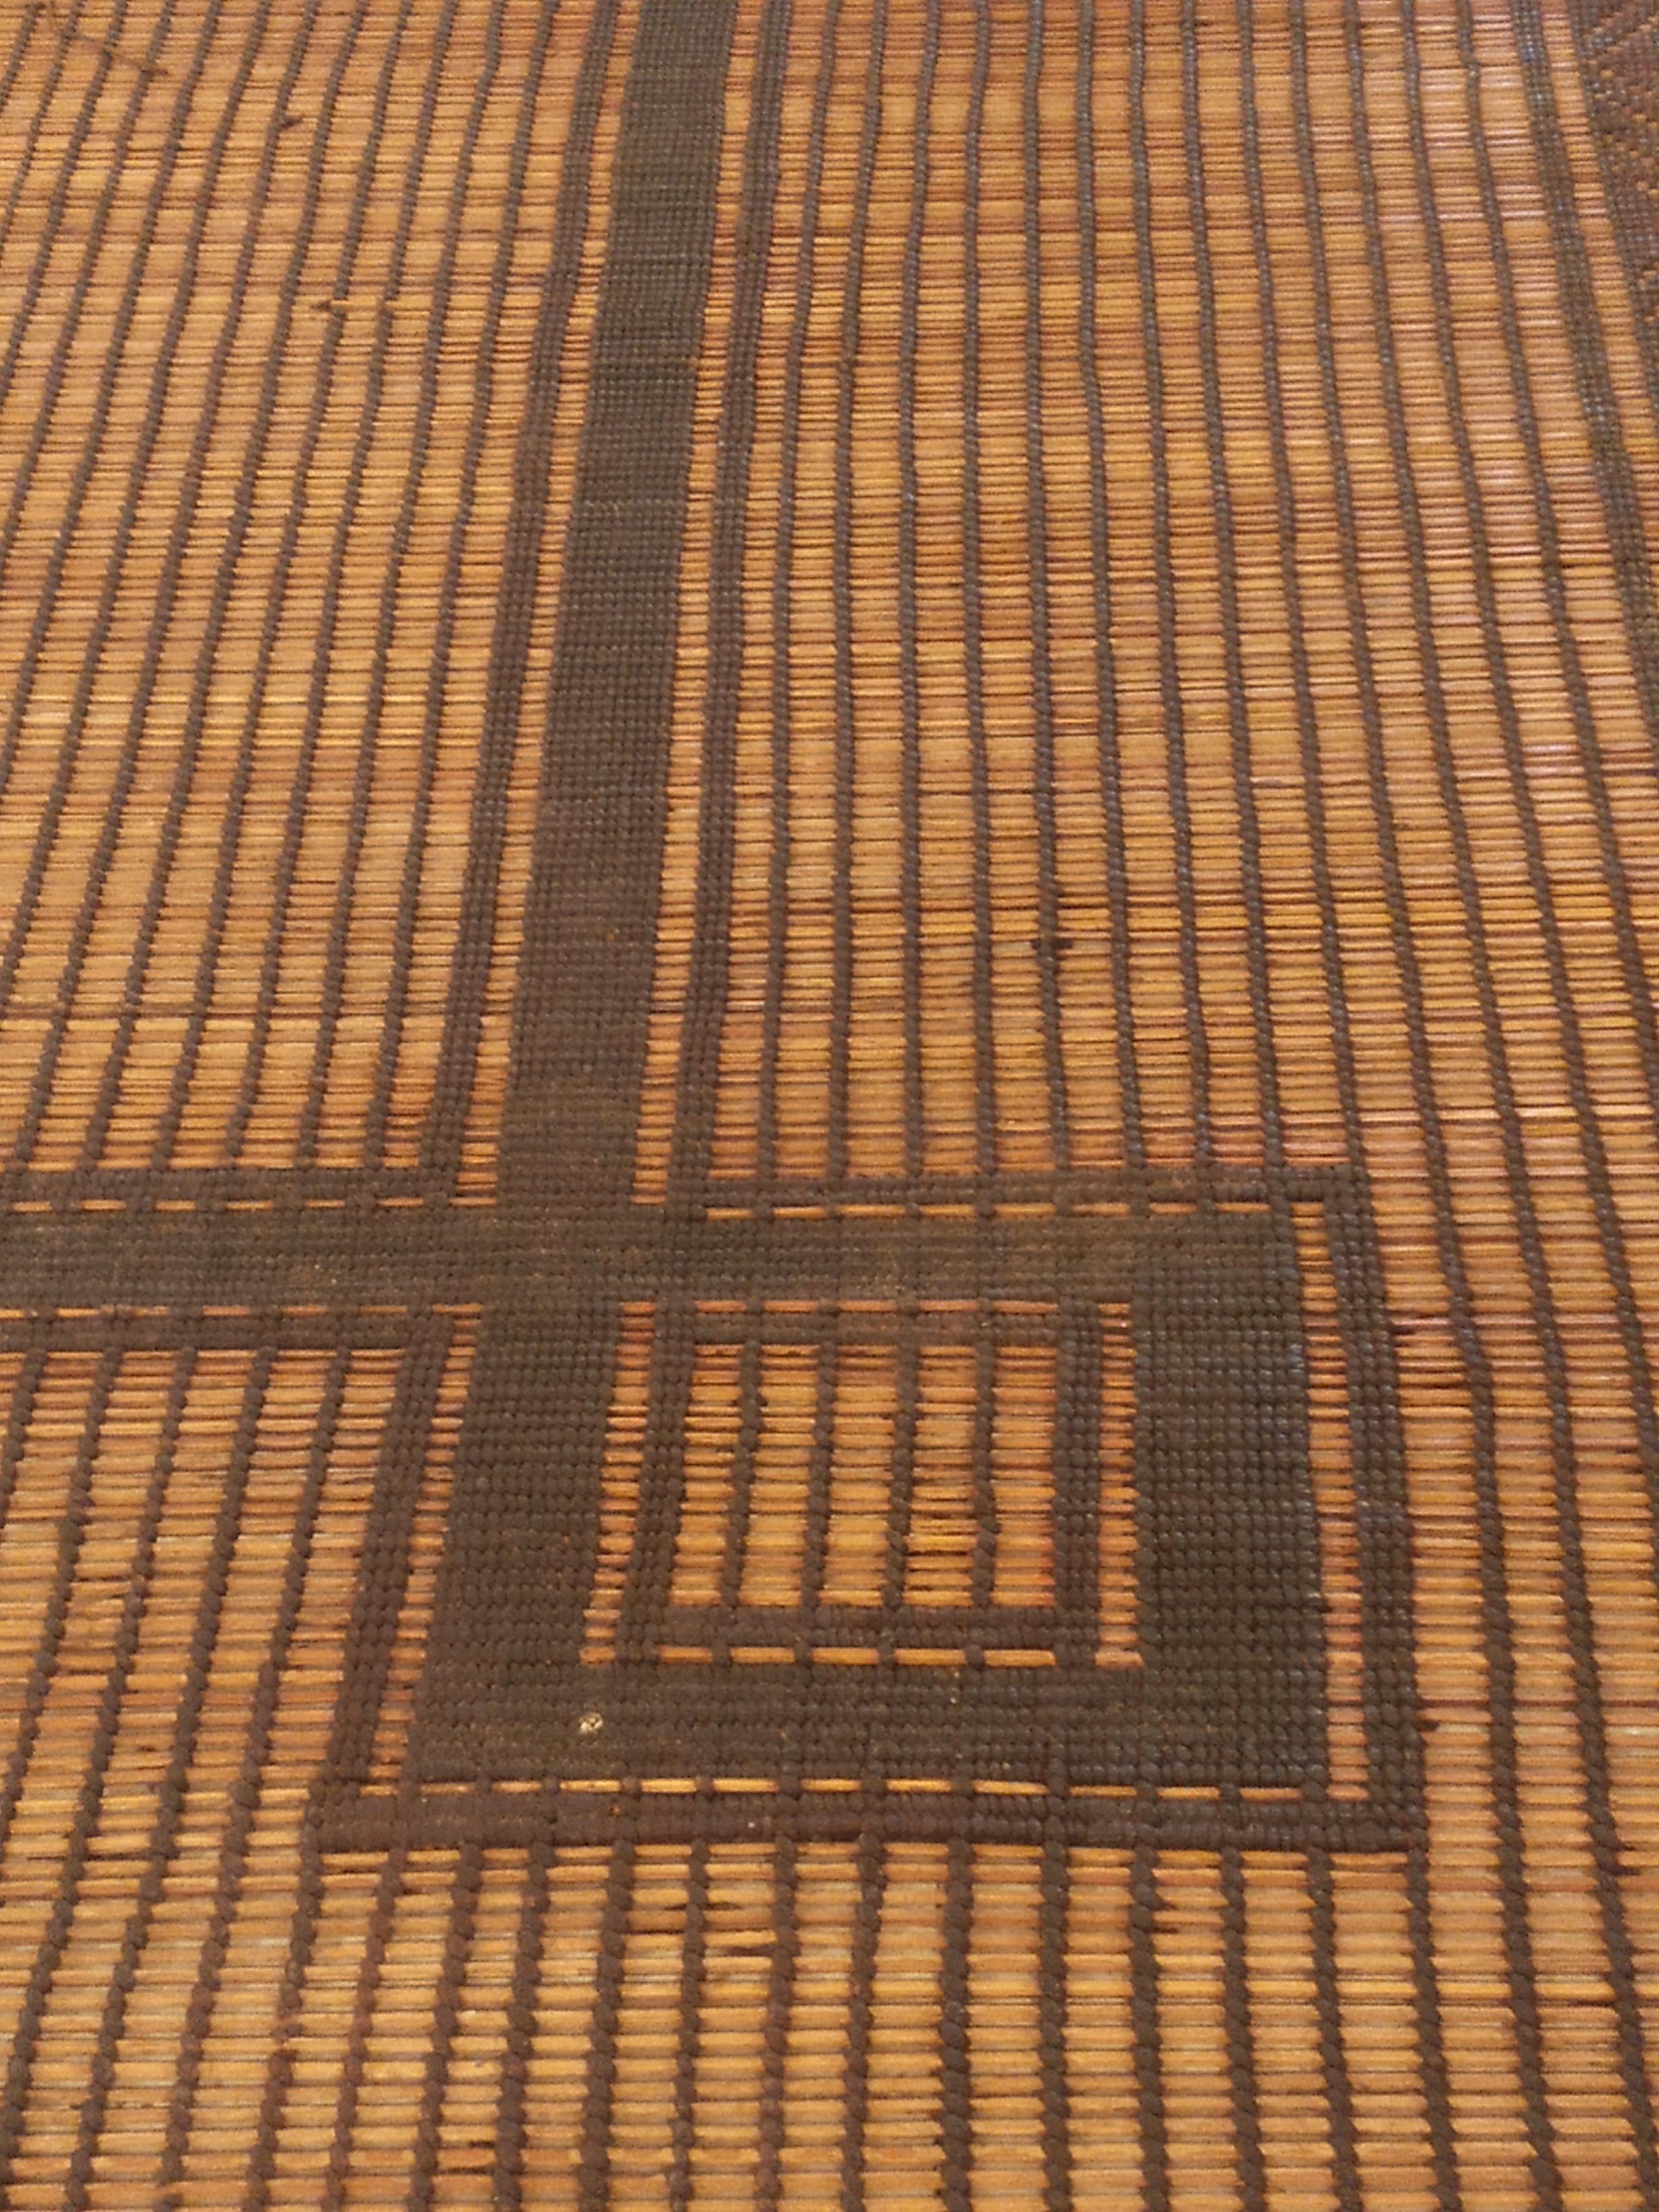 tuareg mat-moroccan-berber-carpets-detail.jpg